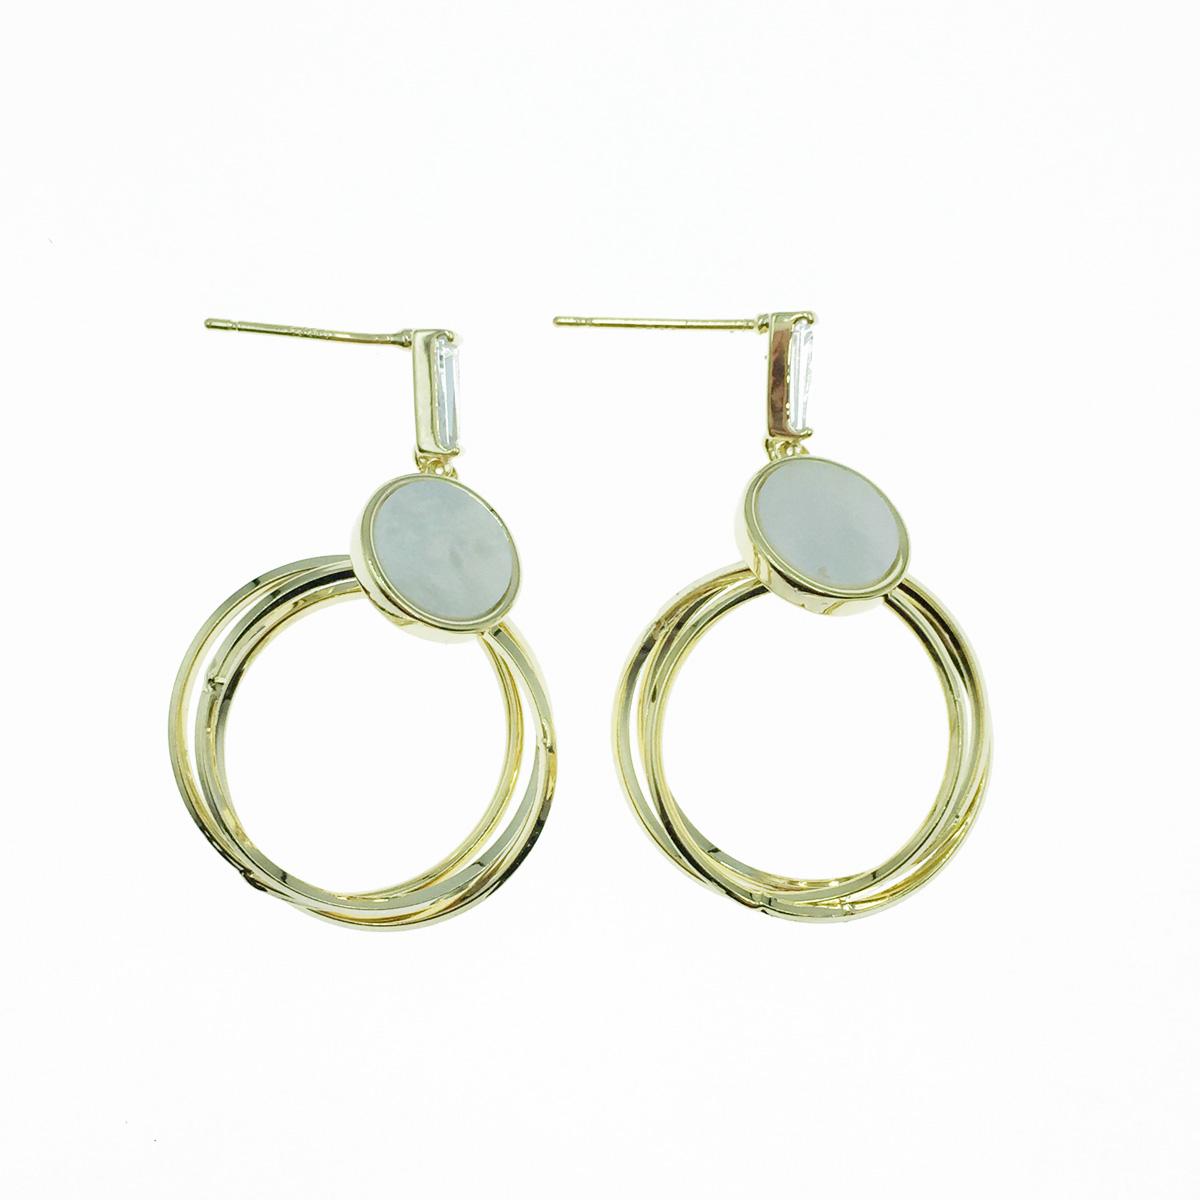 韓國 925純銀 簍空圓 水鑽 貝殼珠 垂墜感 耳針式耳環